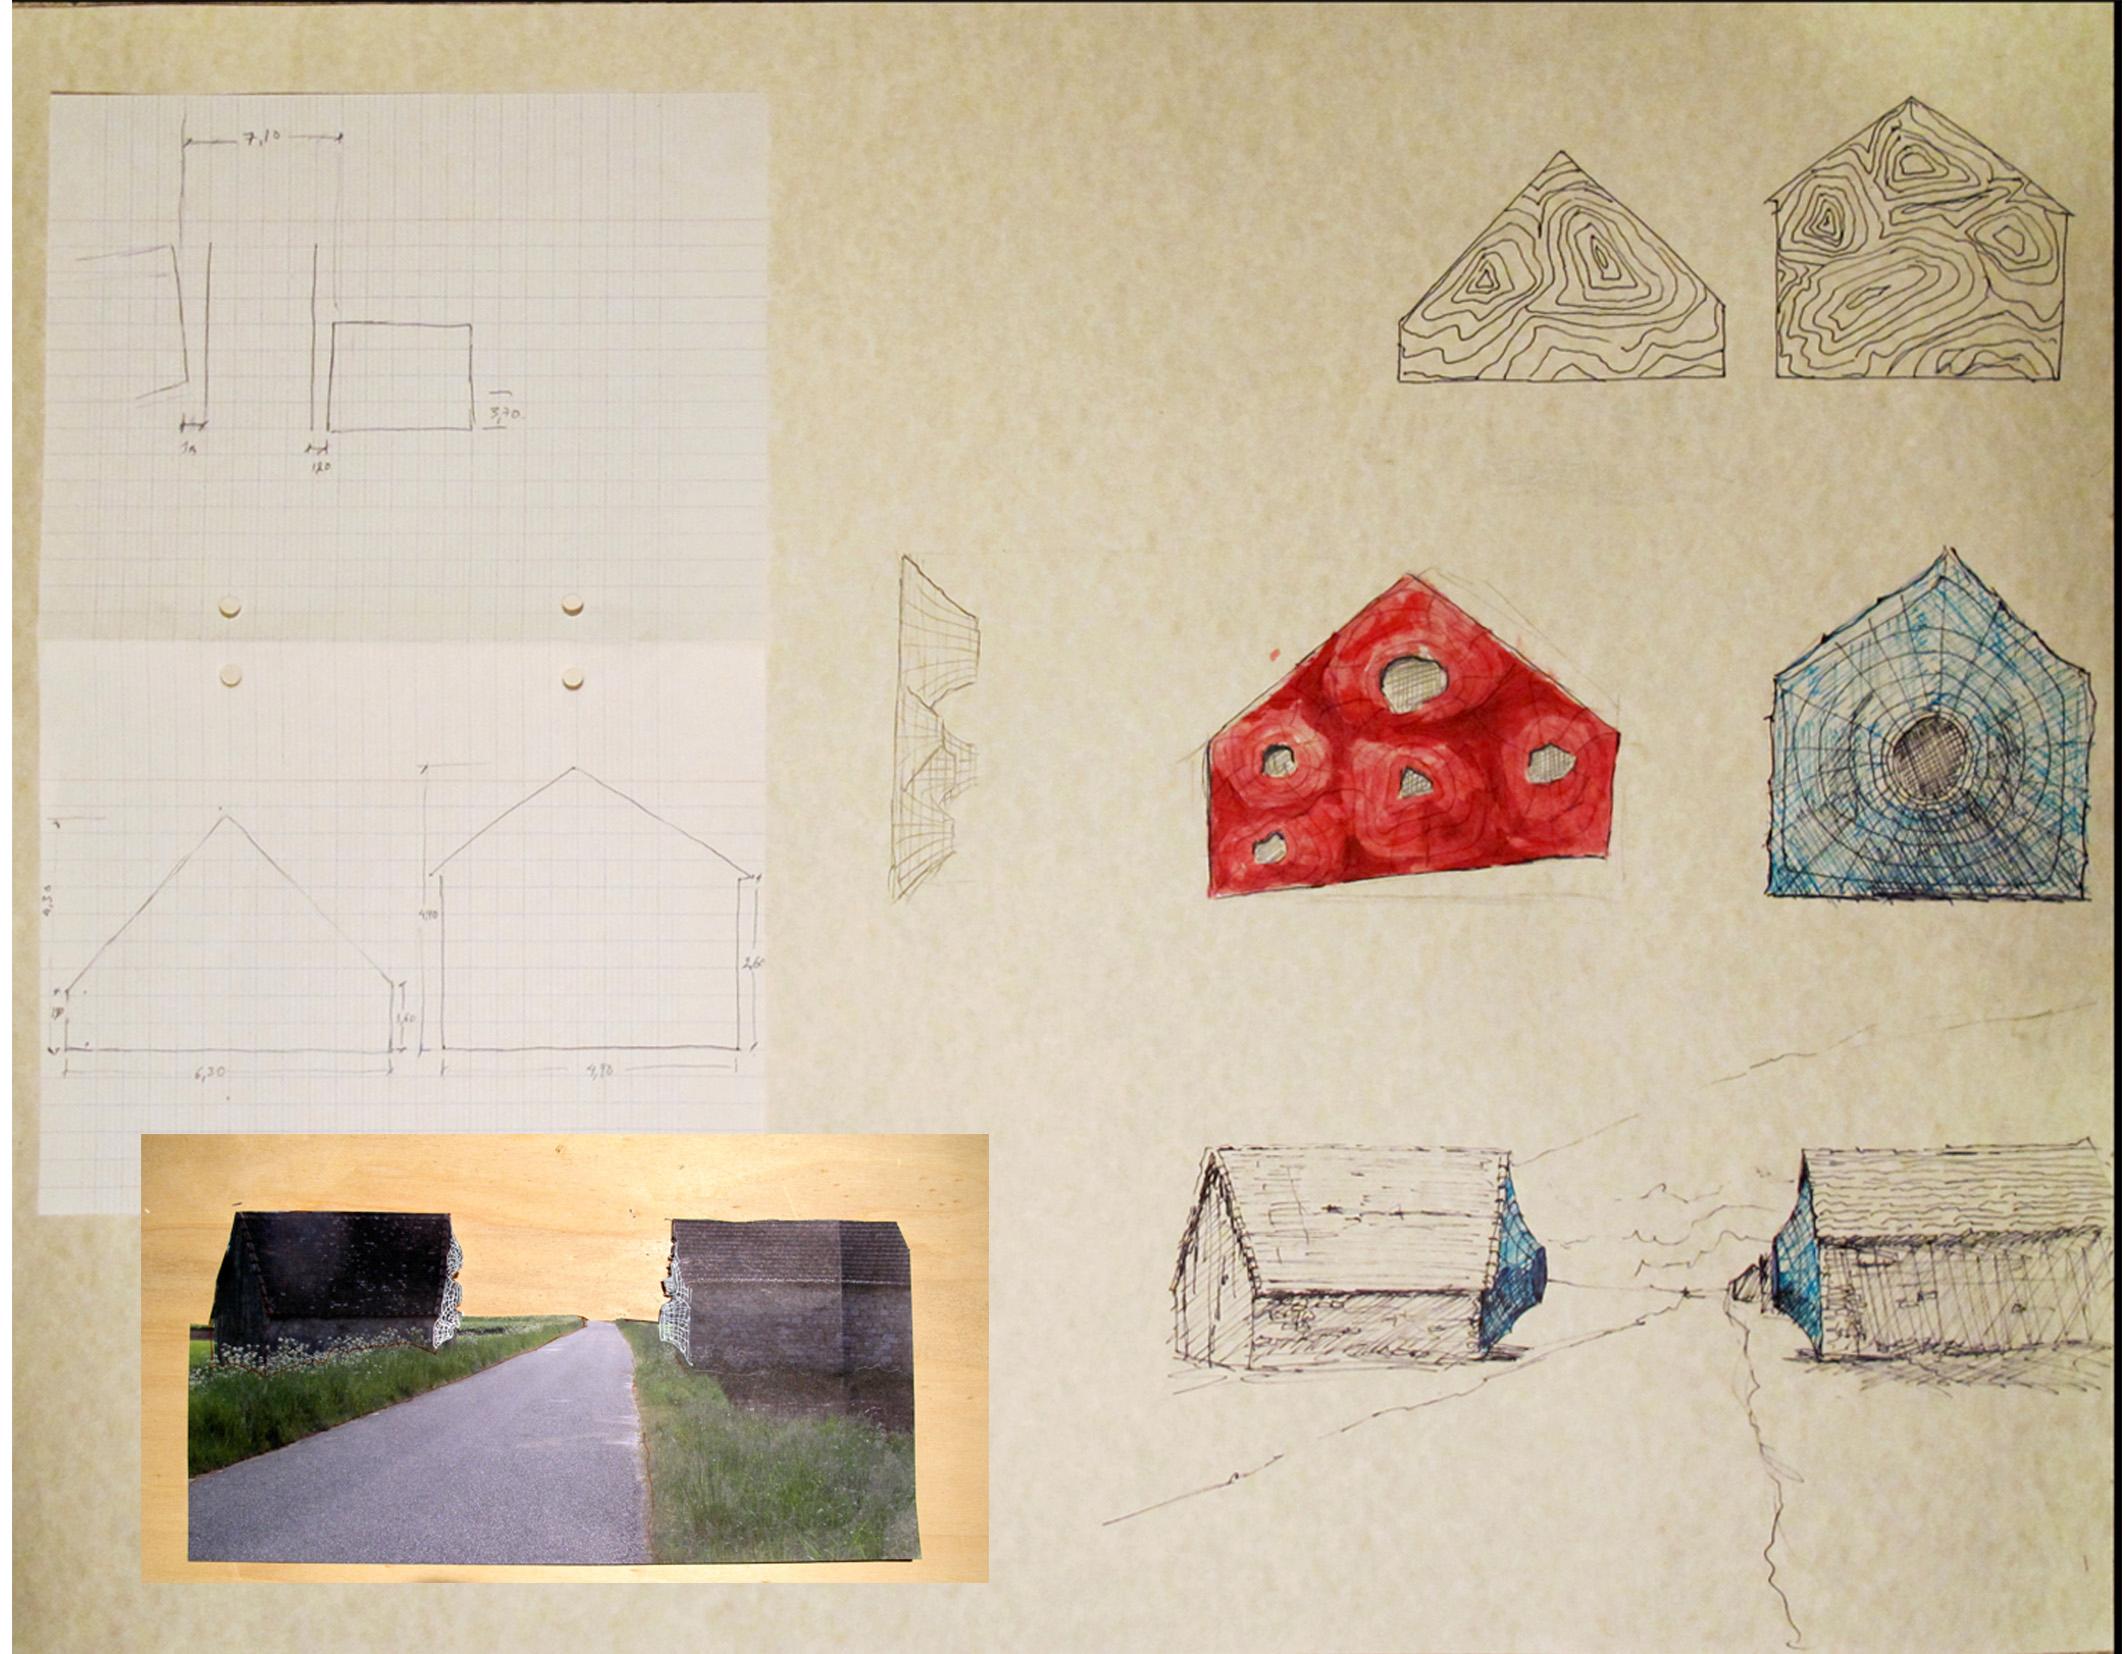 Procesos proyecto Praxis, 2013.